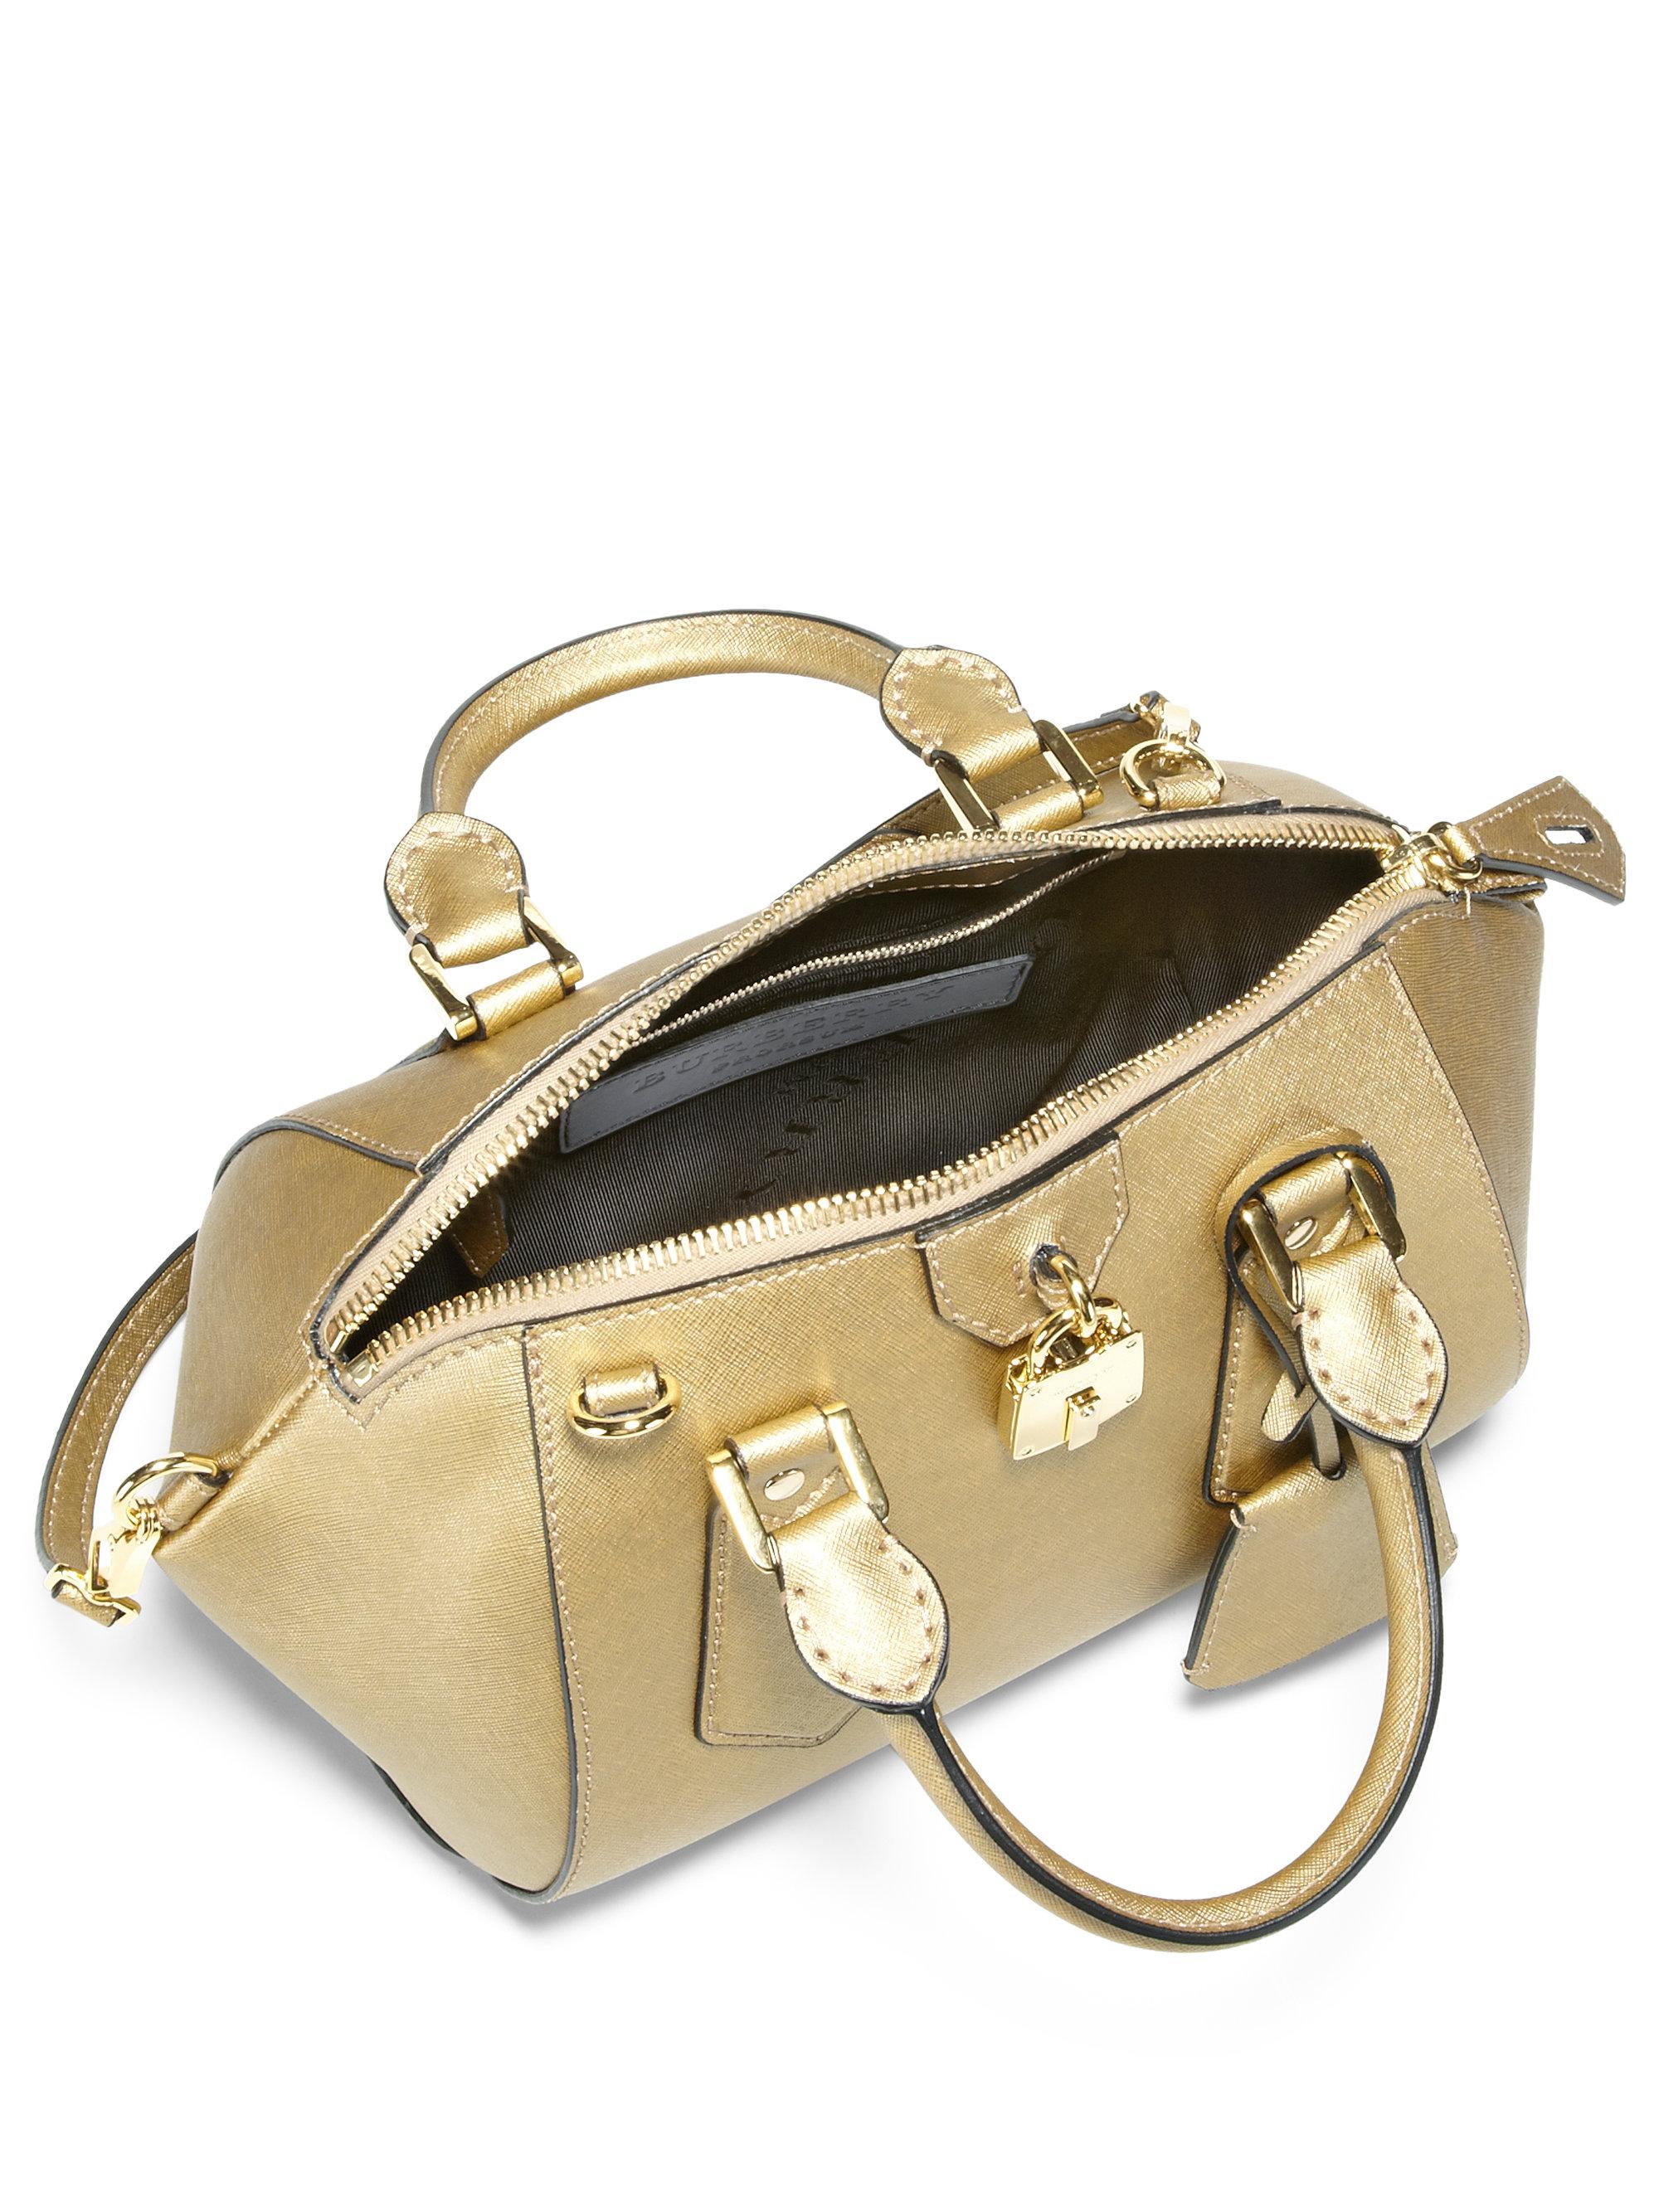 Burberry prorsum Blaze Metallic Satchel Handbag in Metallic | Lyst